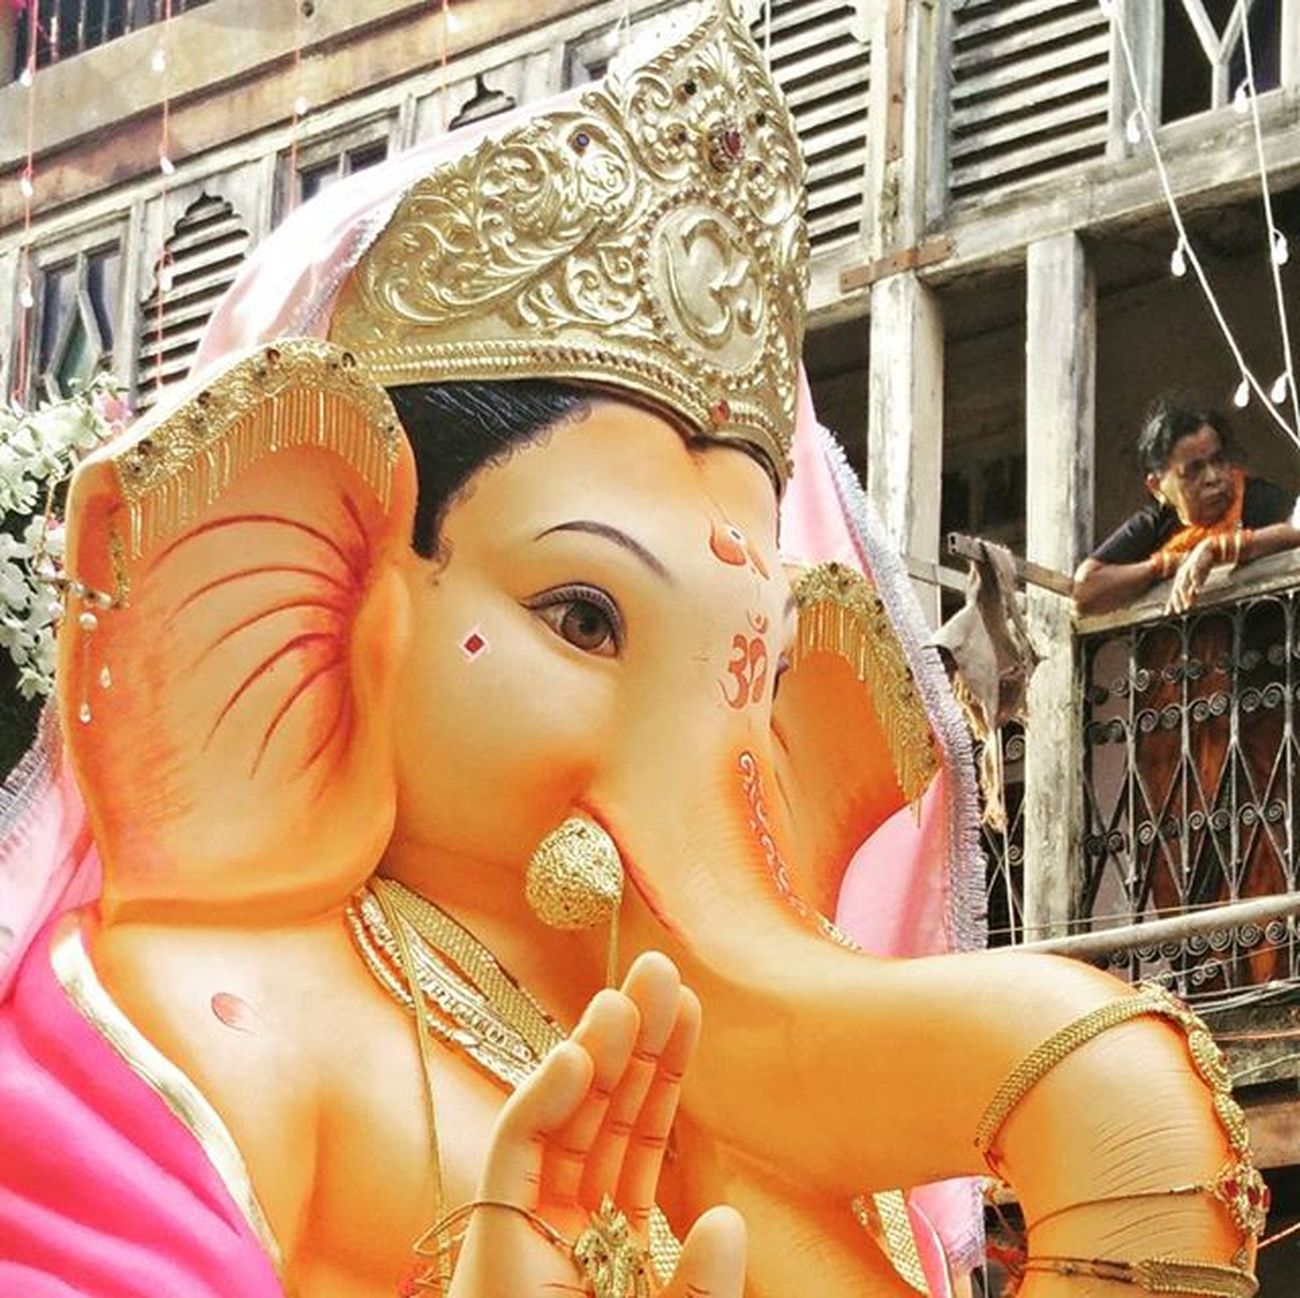 Ganpati Bappa.....Morya !!!! Ganpati Ganesha GaneshChaturthi Chikhalwadi Lord Idol Religion Festival